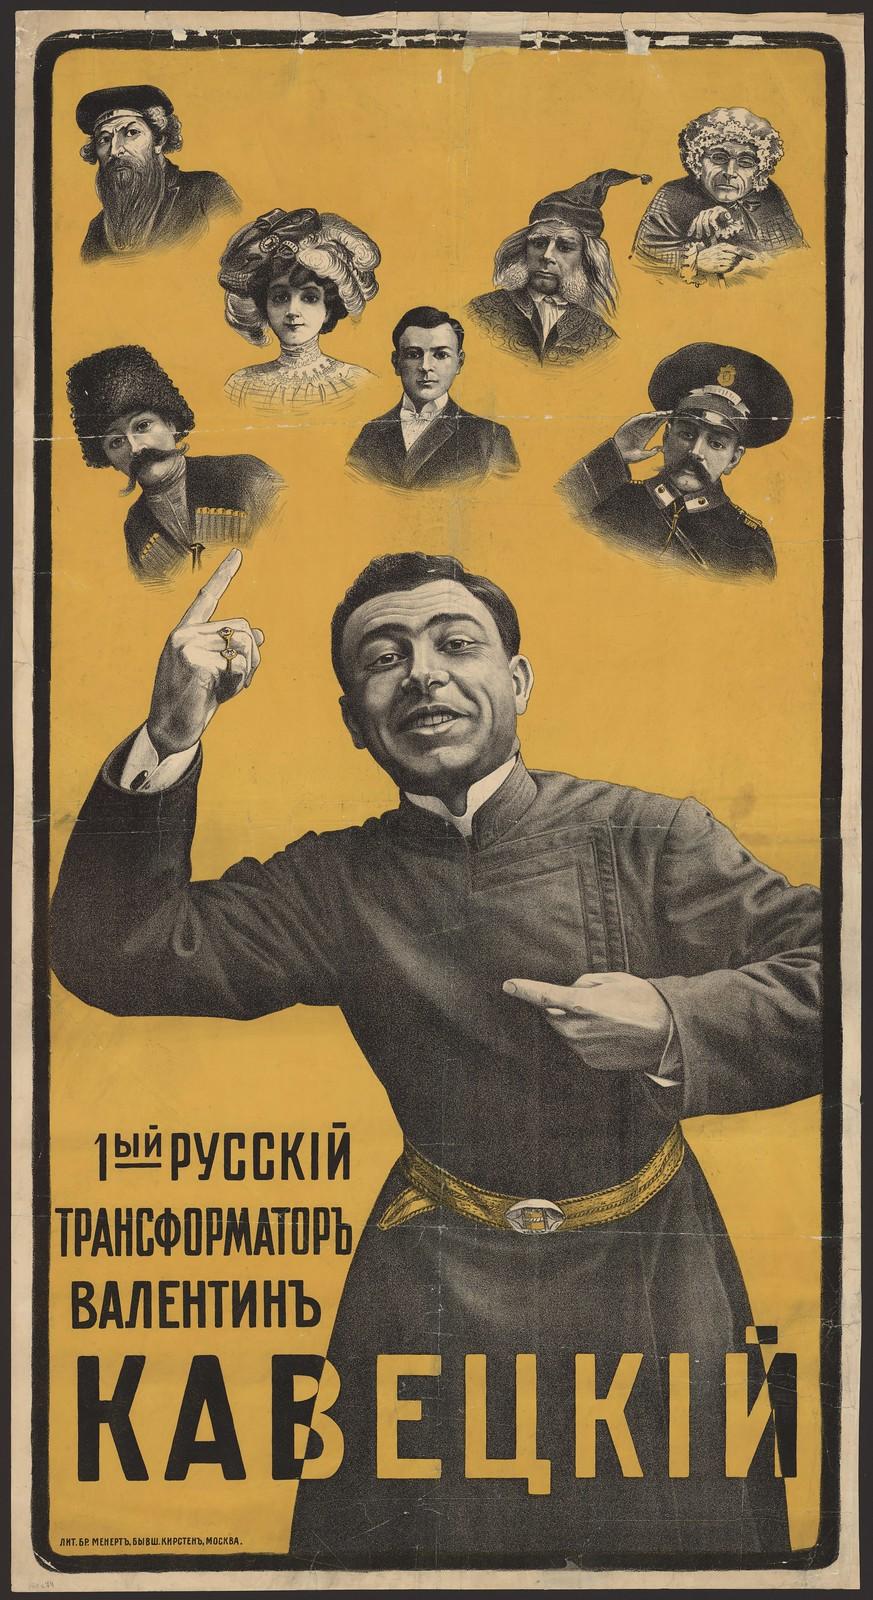 1-й русский трансформатор Валентин Кавецкий